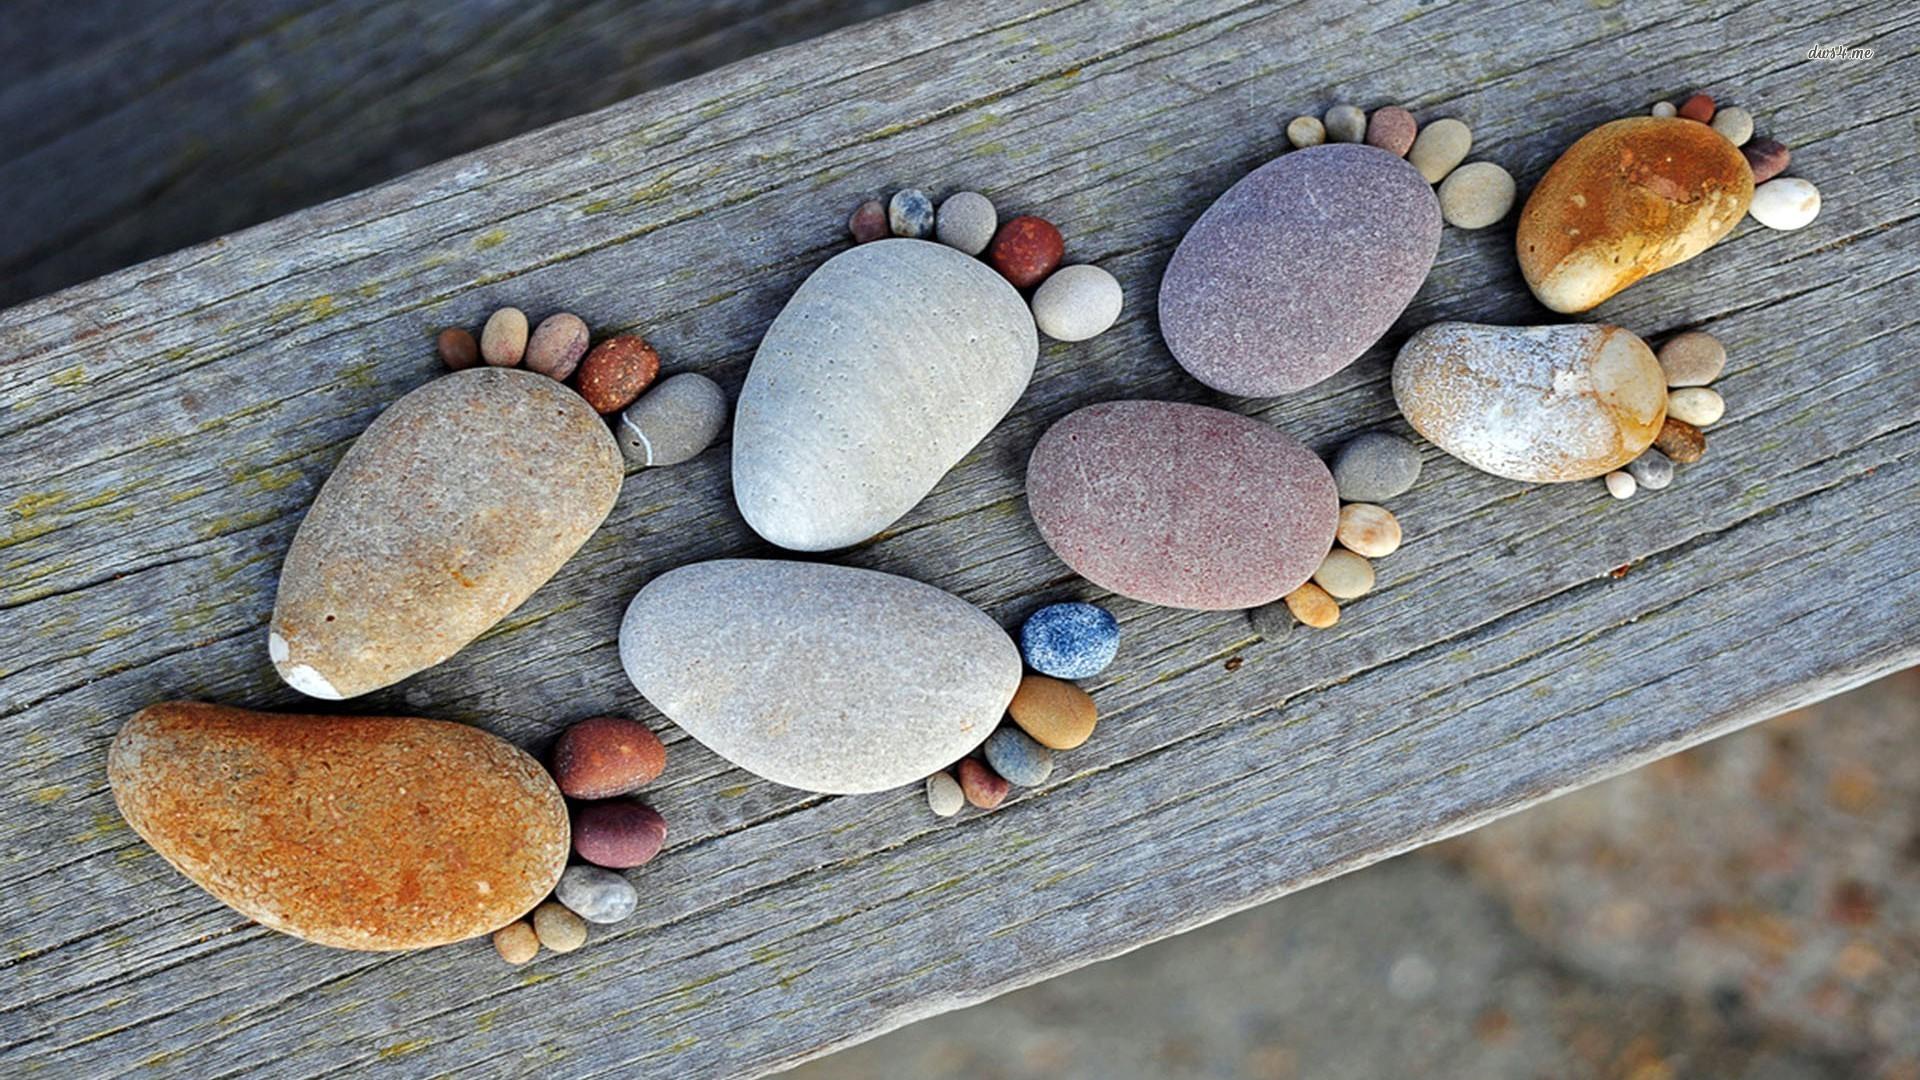 Гладкие камни  № 1383852 загрузить